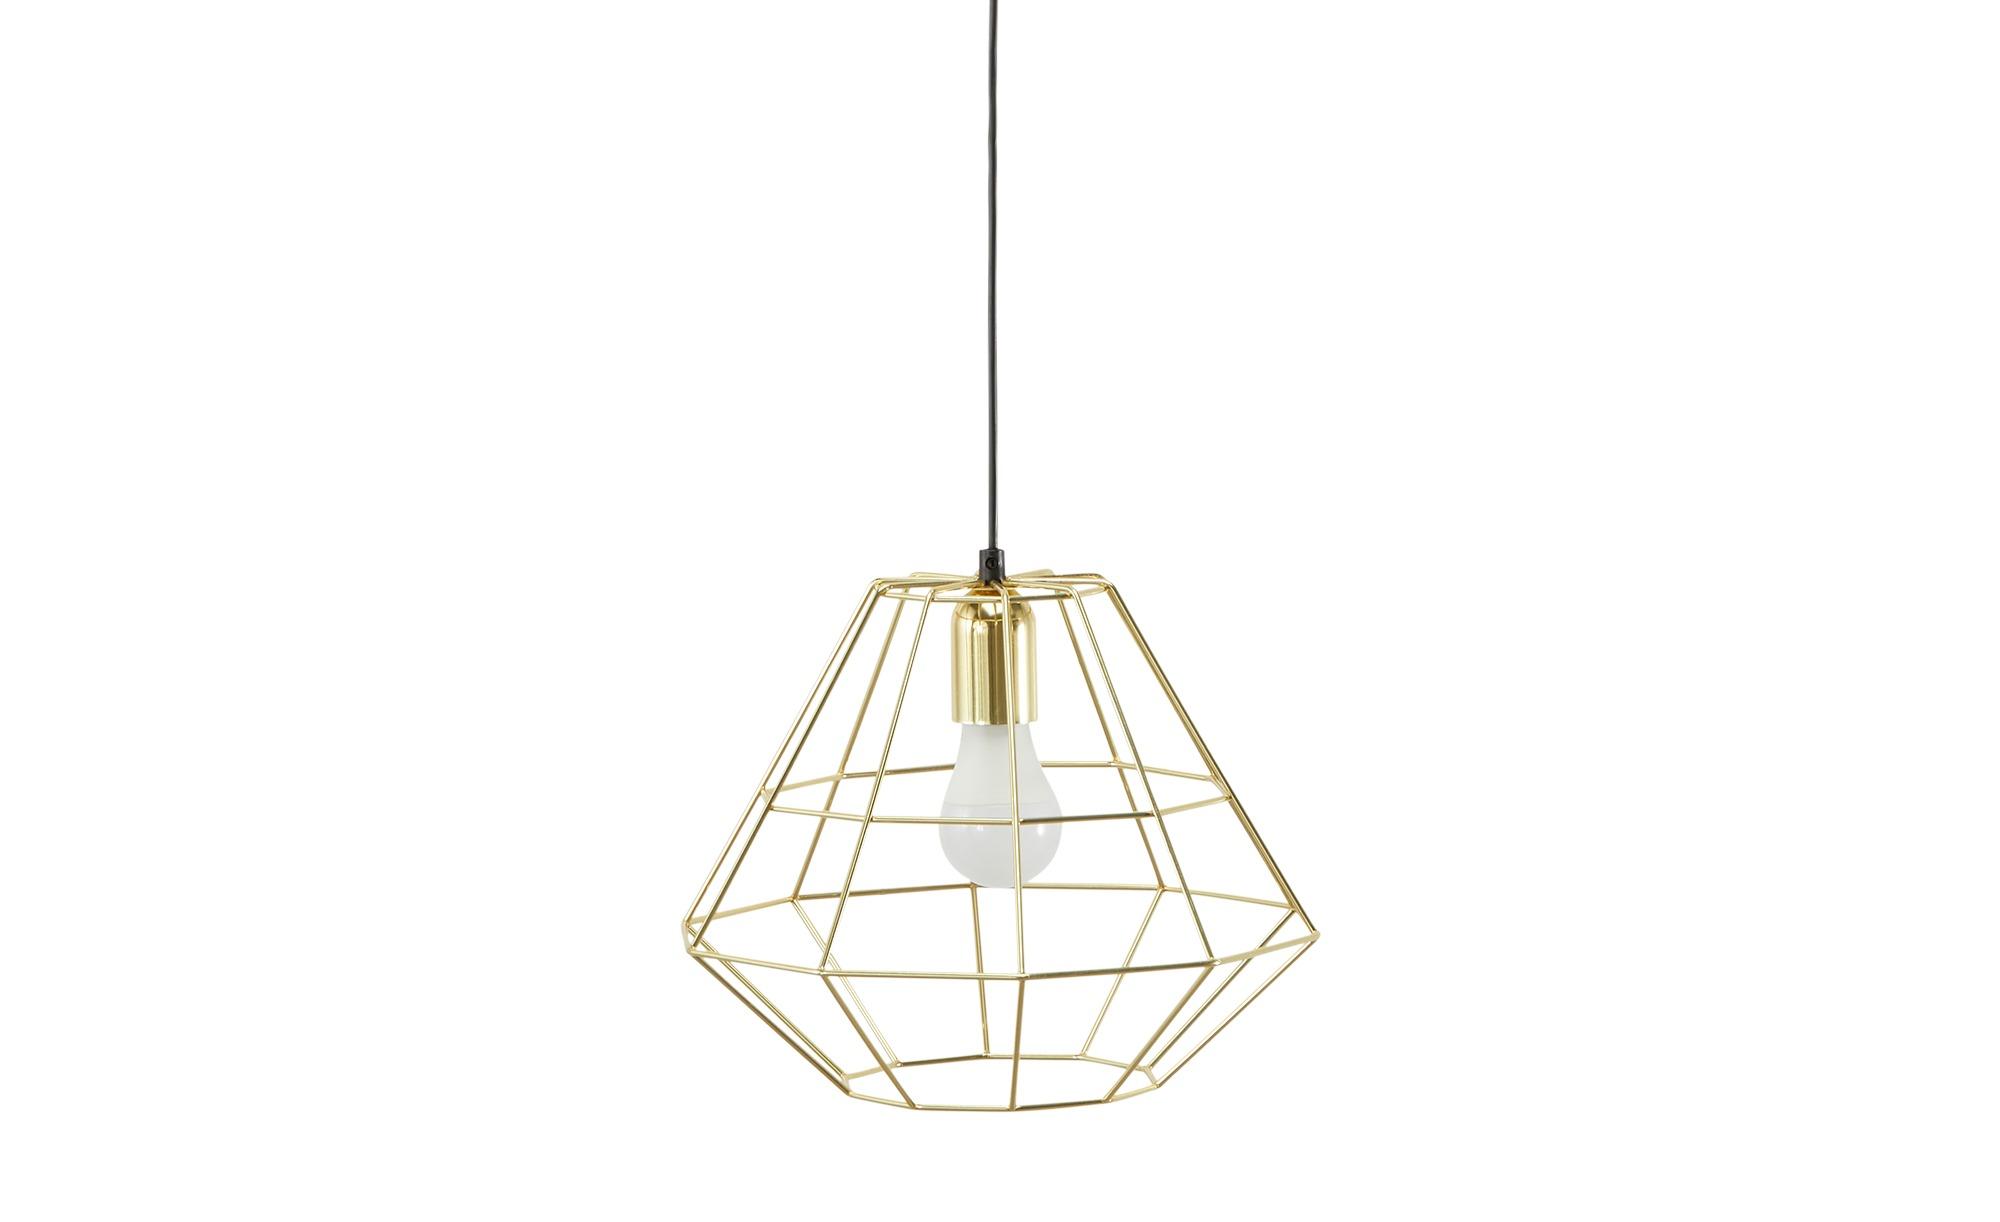 Pendelleuchte, 1-flammig, goldfarben ¦ gold ¦ Maße (cm): H: 116 Ø: 31 Lampen & Leuchten > Innenleuchten > Pendelleuchten - Höffner